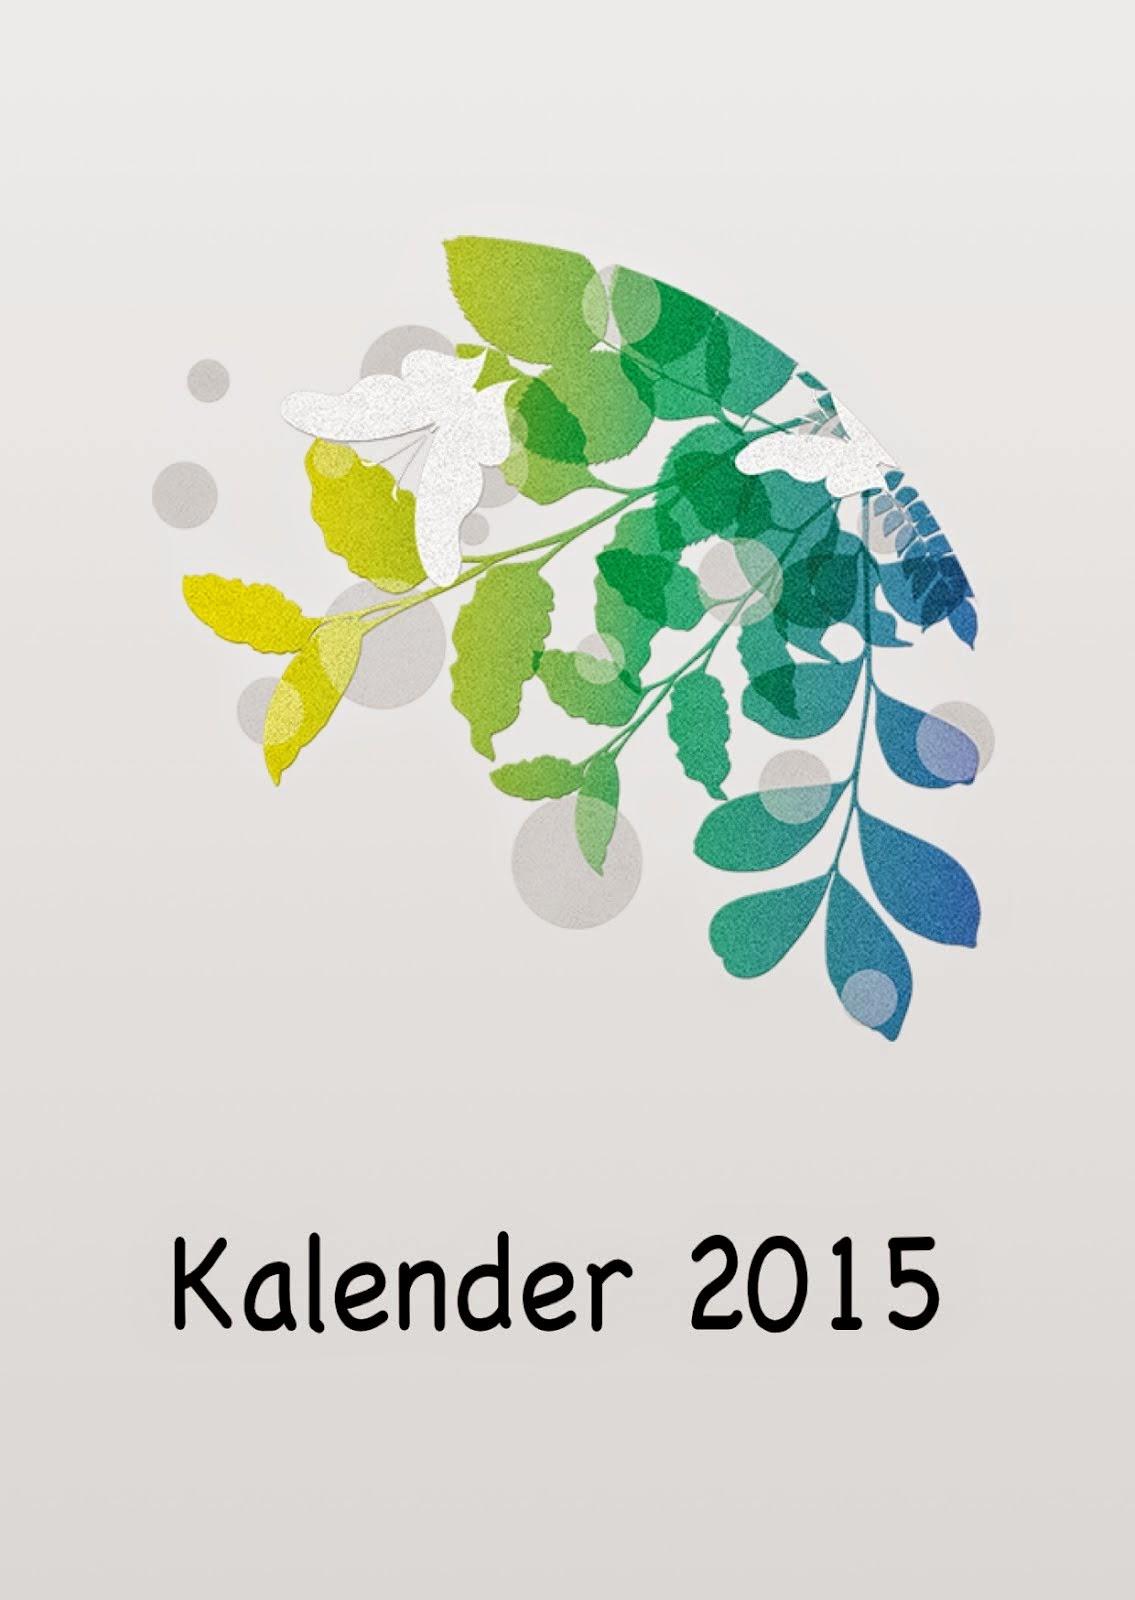 Gratis kalender 2015